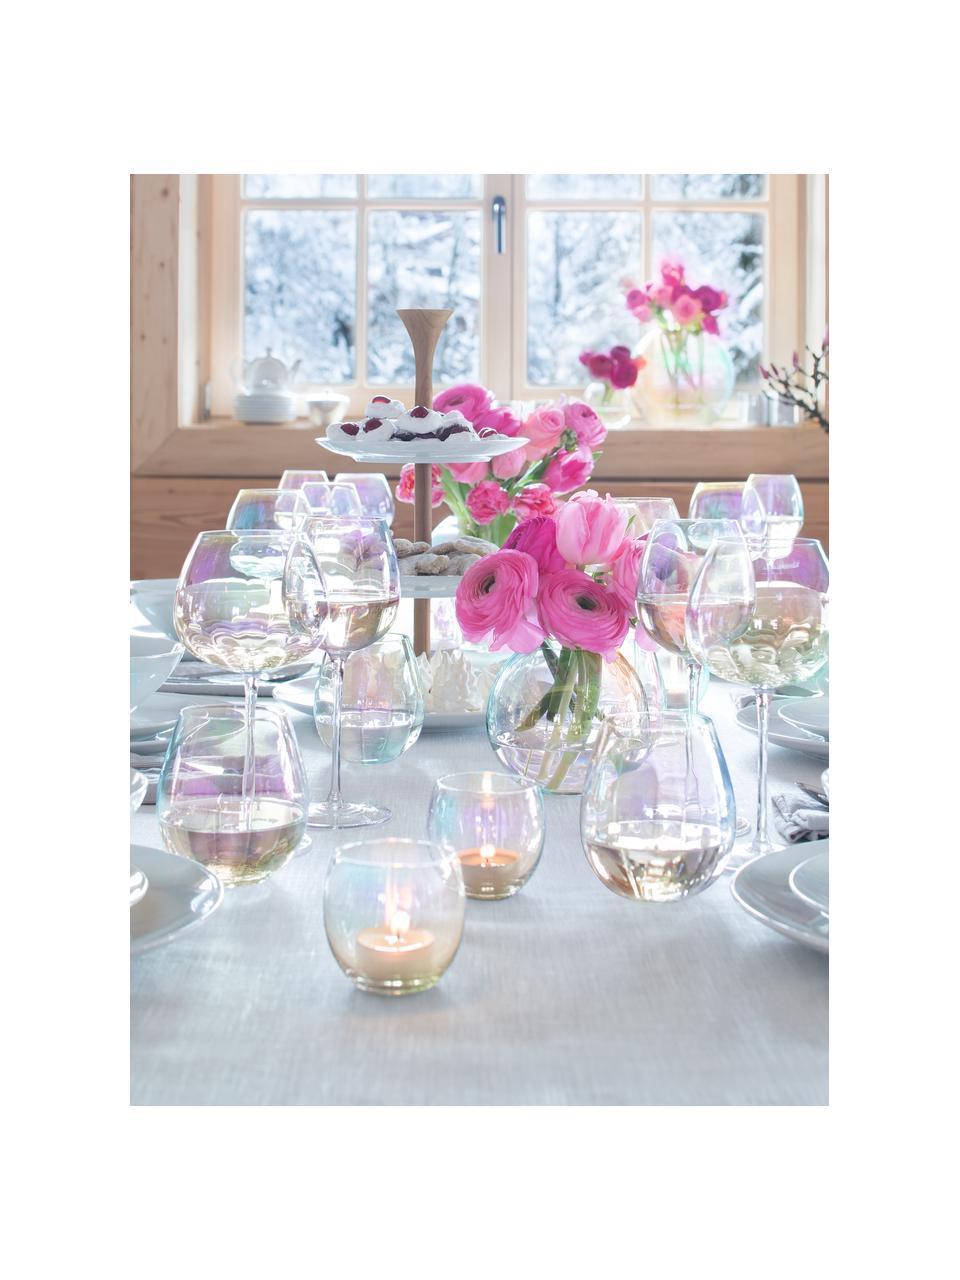 Mundgeblasene Wassergläser Pearl mit schimmerndem Perlmuttglanz, 4 Stück, Glas, Perlmutt-Schimmer, Ø 9 x H 10 cm